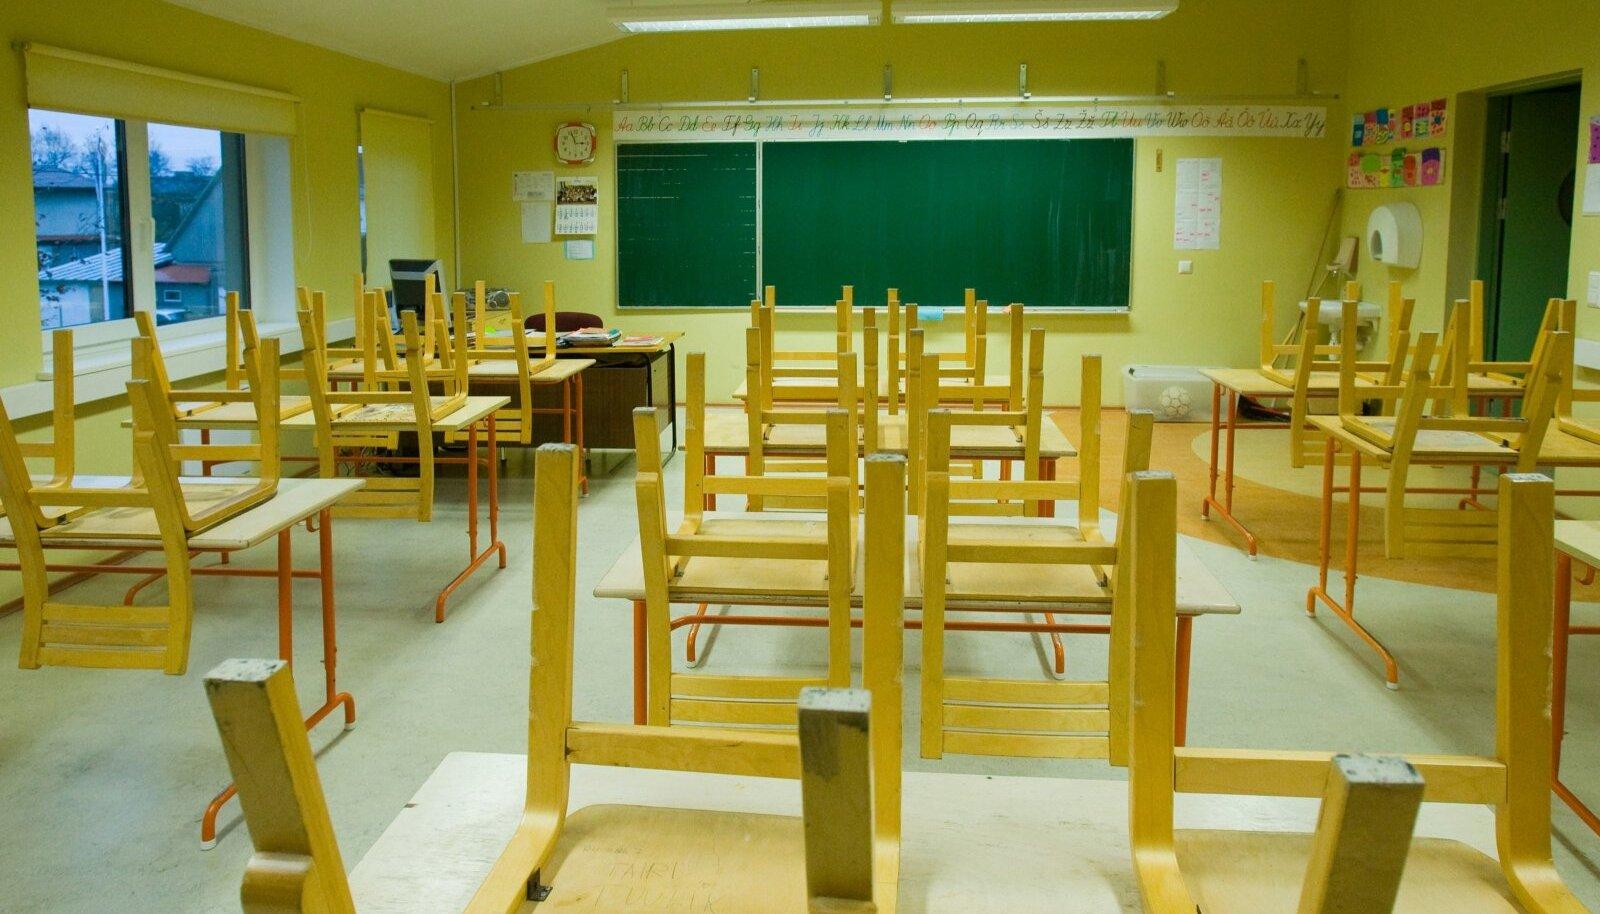 Kindlasti tuleb vältida koolilastel ka vaheajal kogunemisi olgu kodudes või mujal.